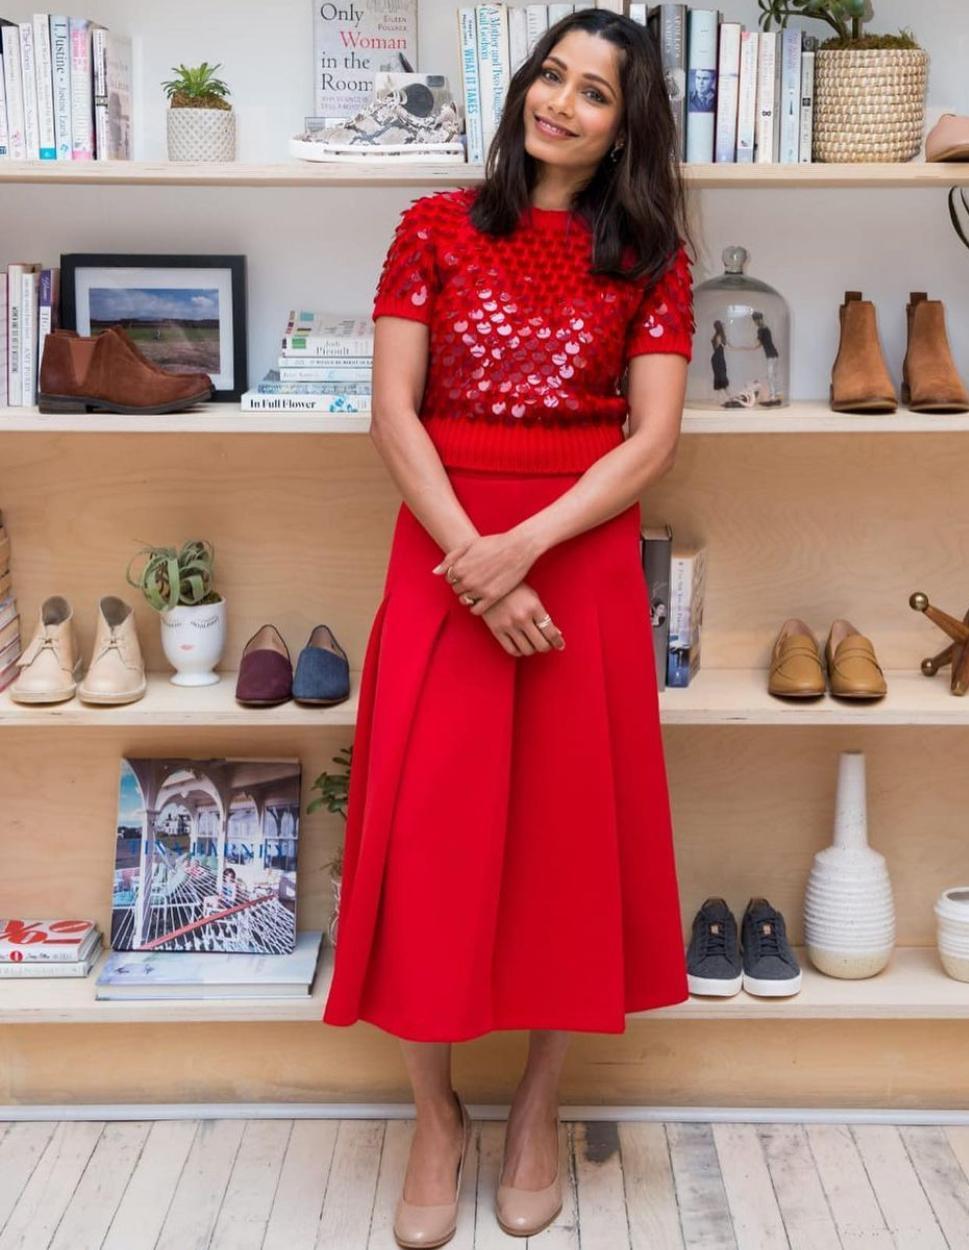 خيارات الفساتين الحمراء بأسلوب فريدا بينتو